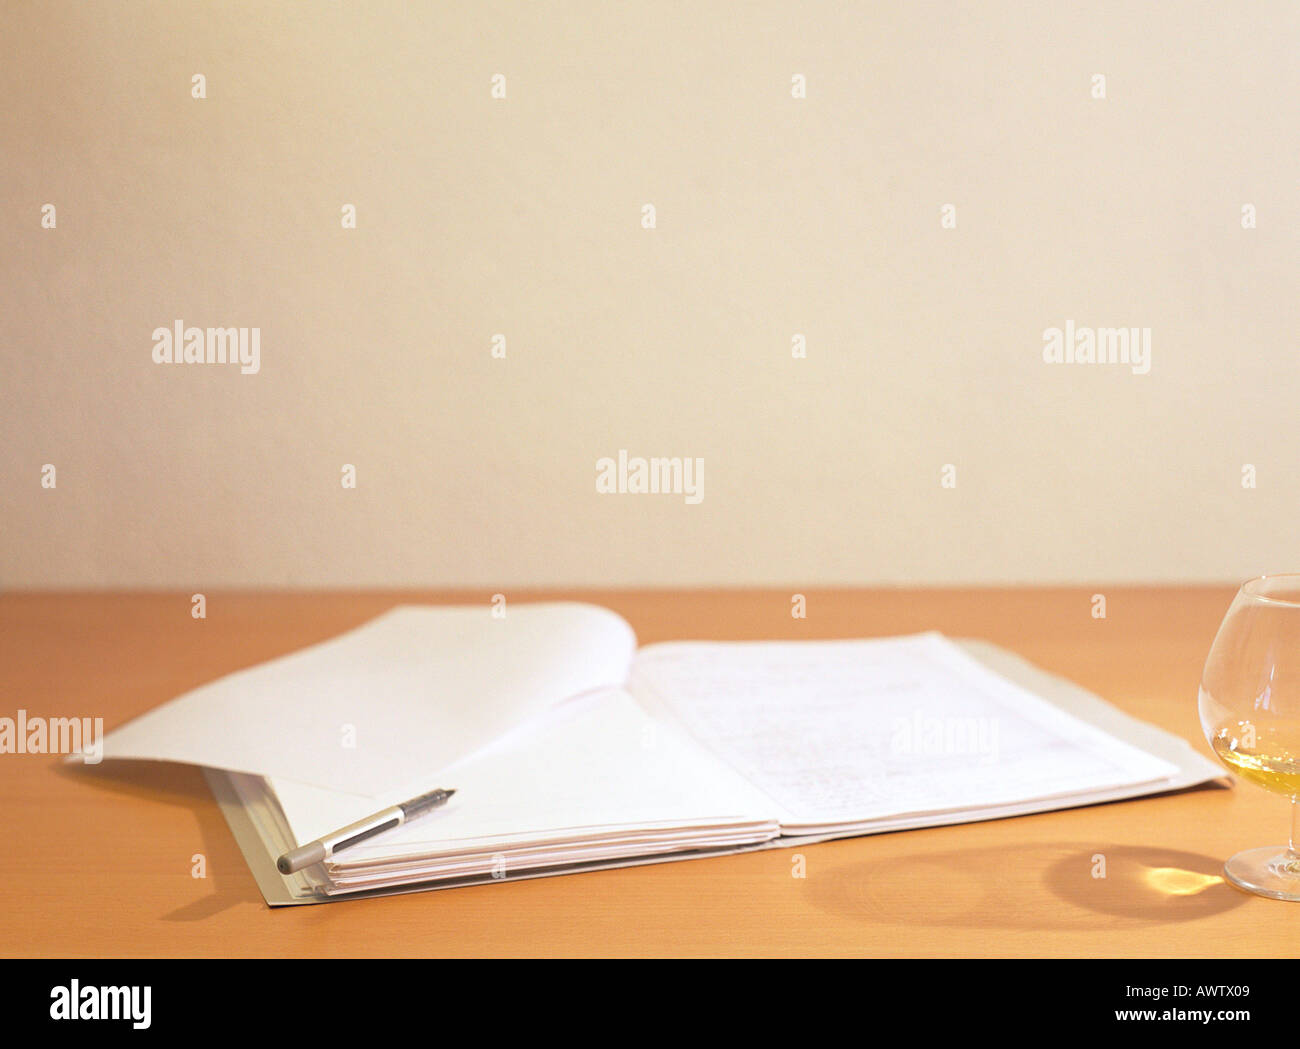 Stylo et livre ouvert sur le bureau à côté de verre Photo Stock